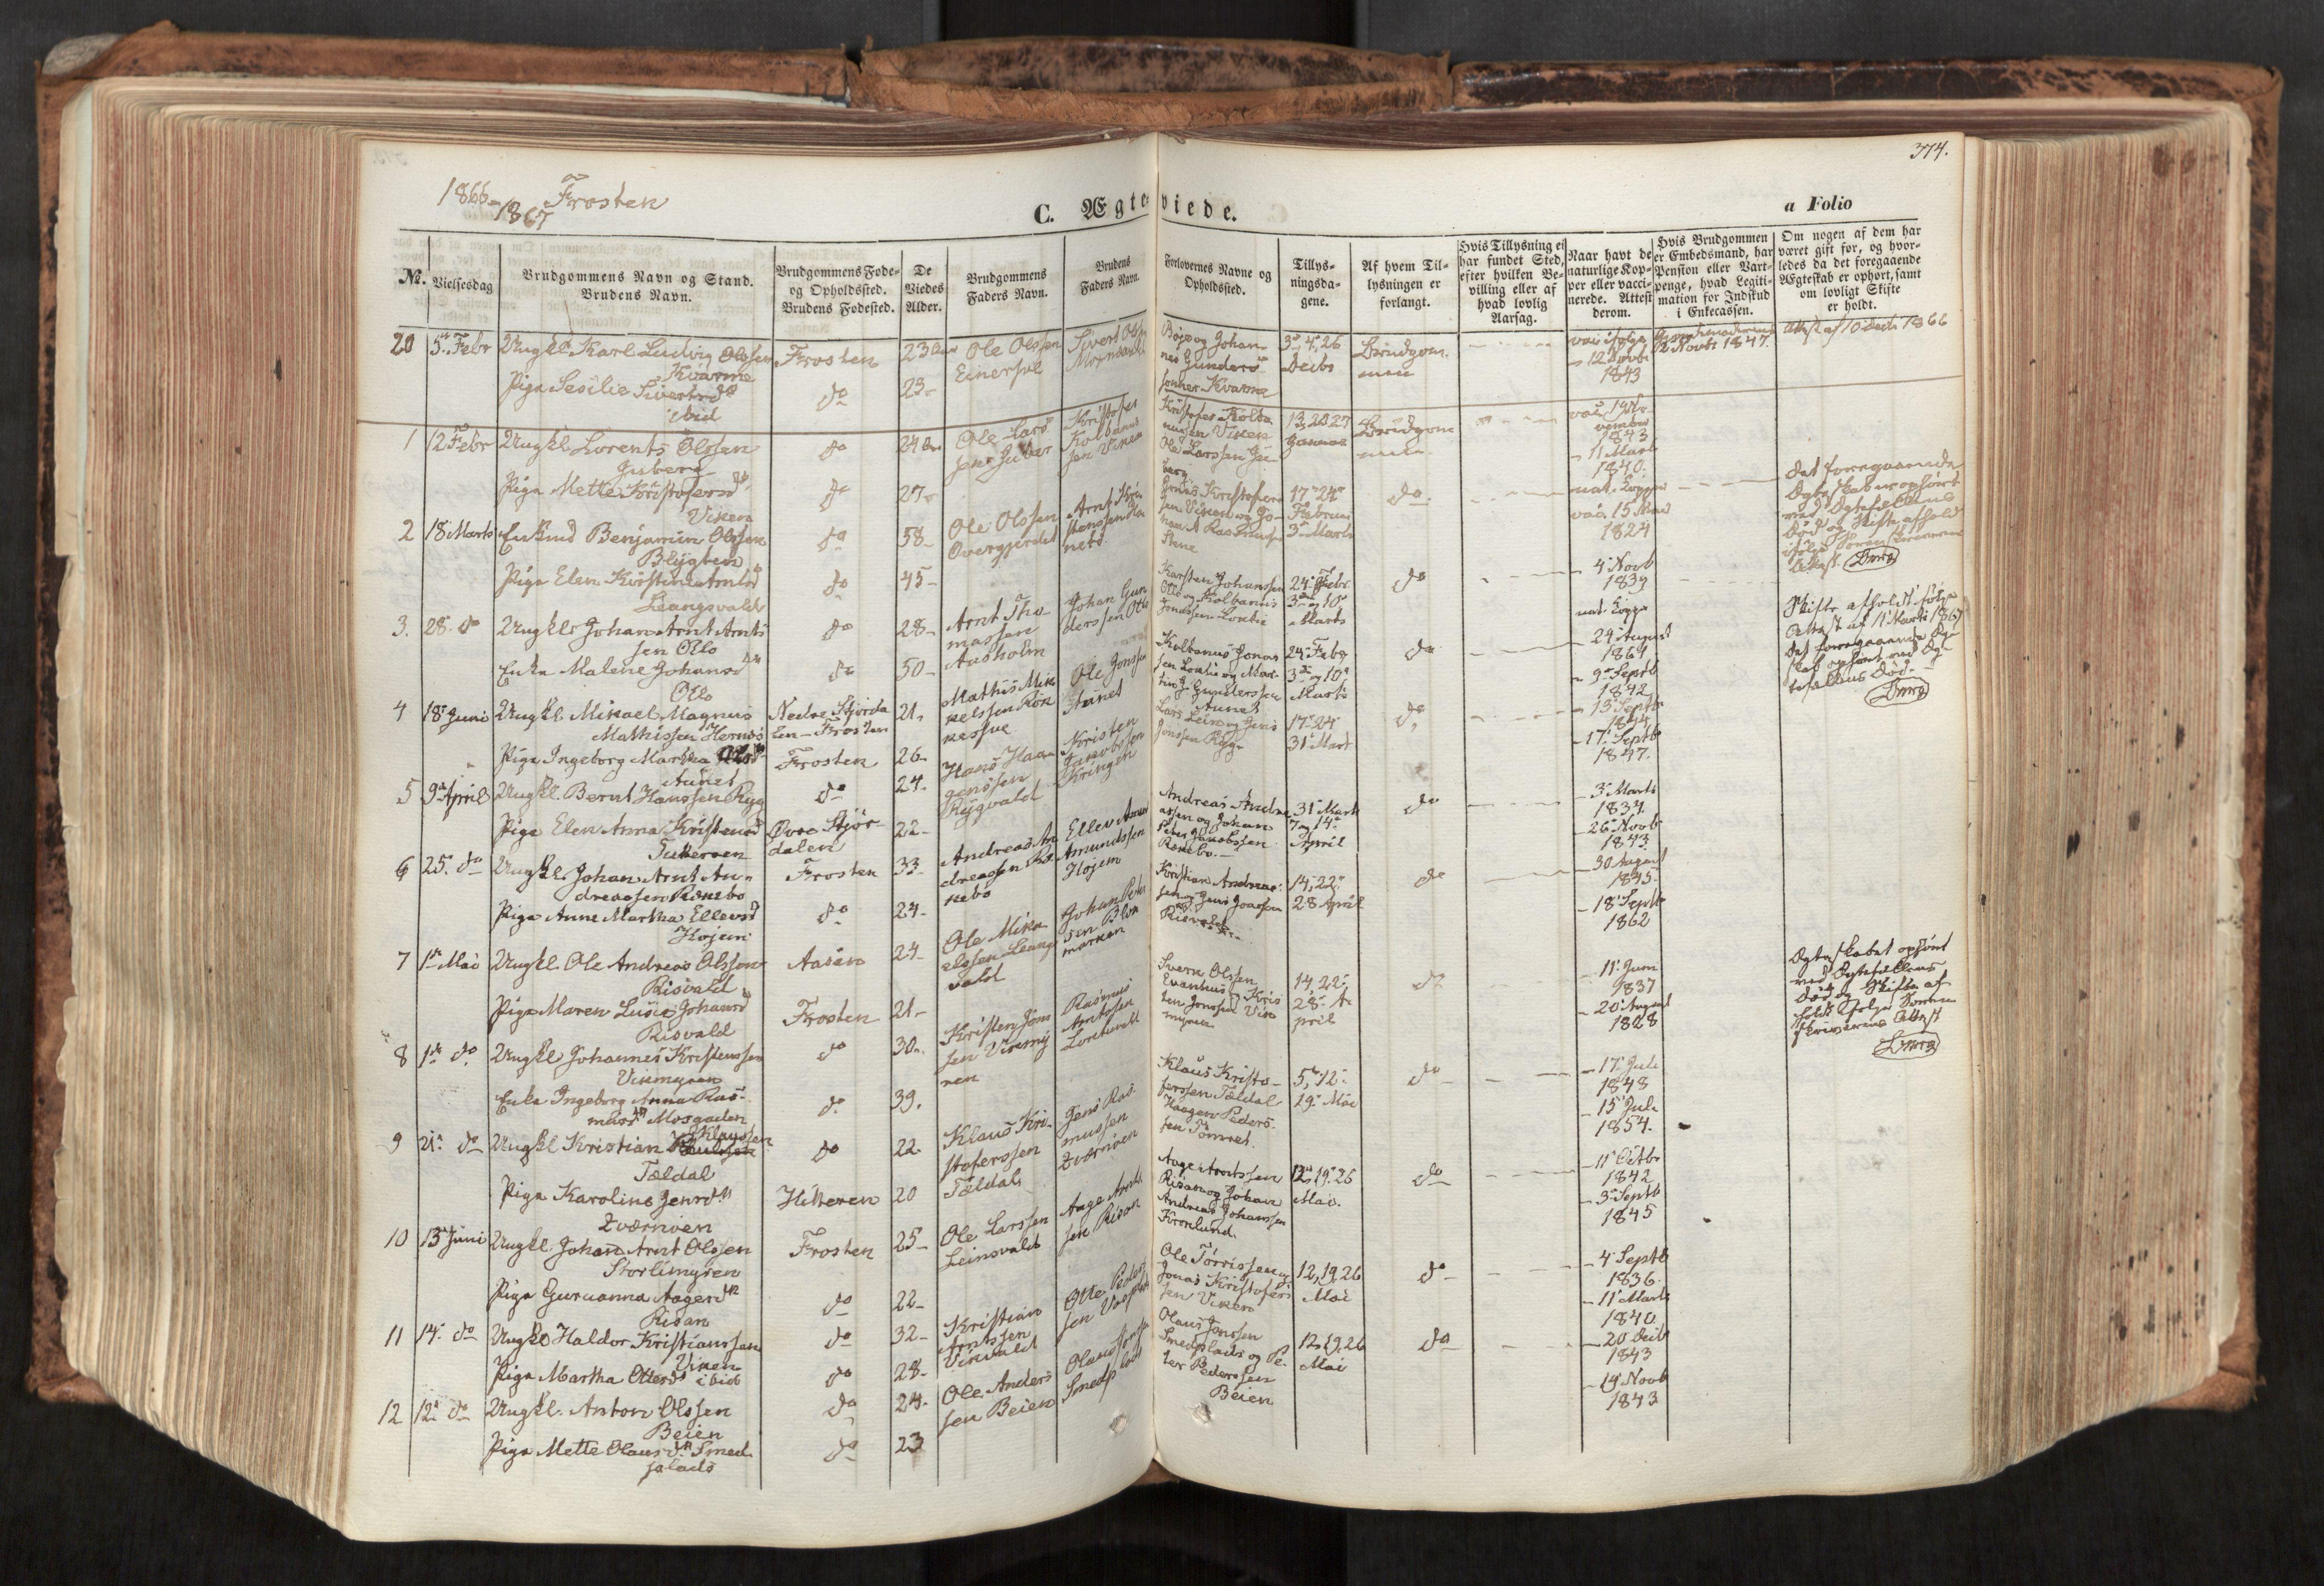 SAT, Ministerialprotokoller, klokkerbøker og fødselsregistre - Nord-Trøndelag, 713/L0116: Ministerialbok nr. 713A07, 1850-1877, s. 374